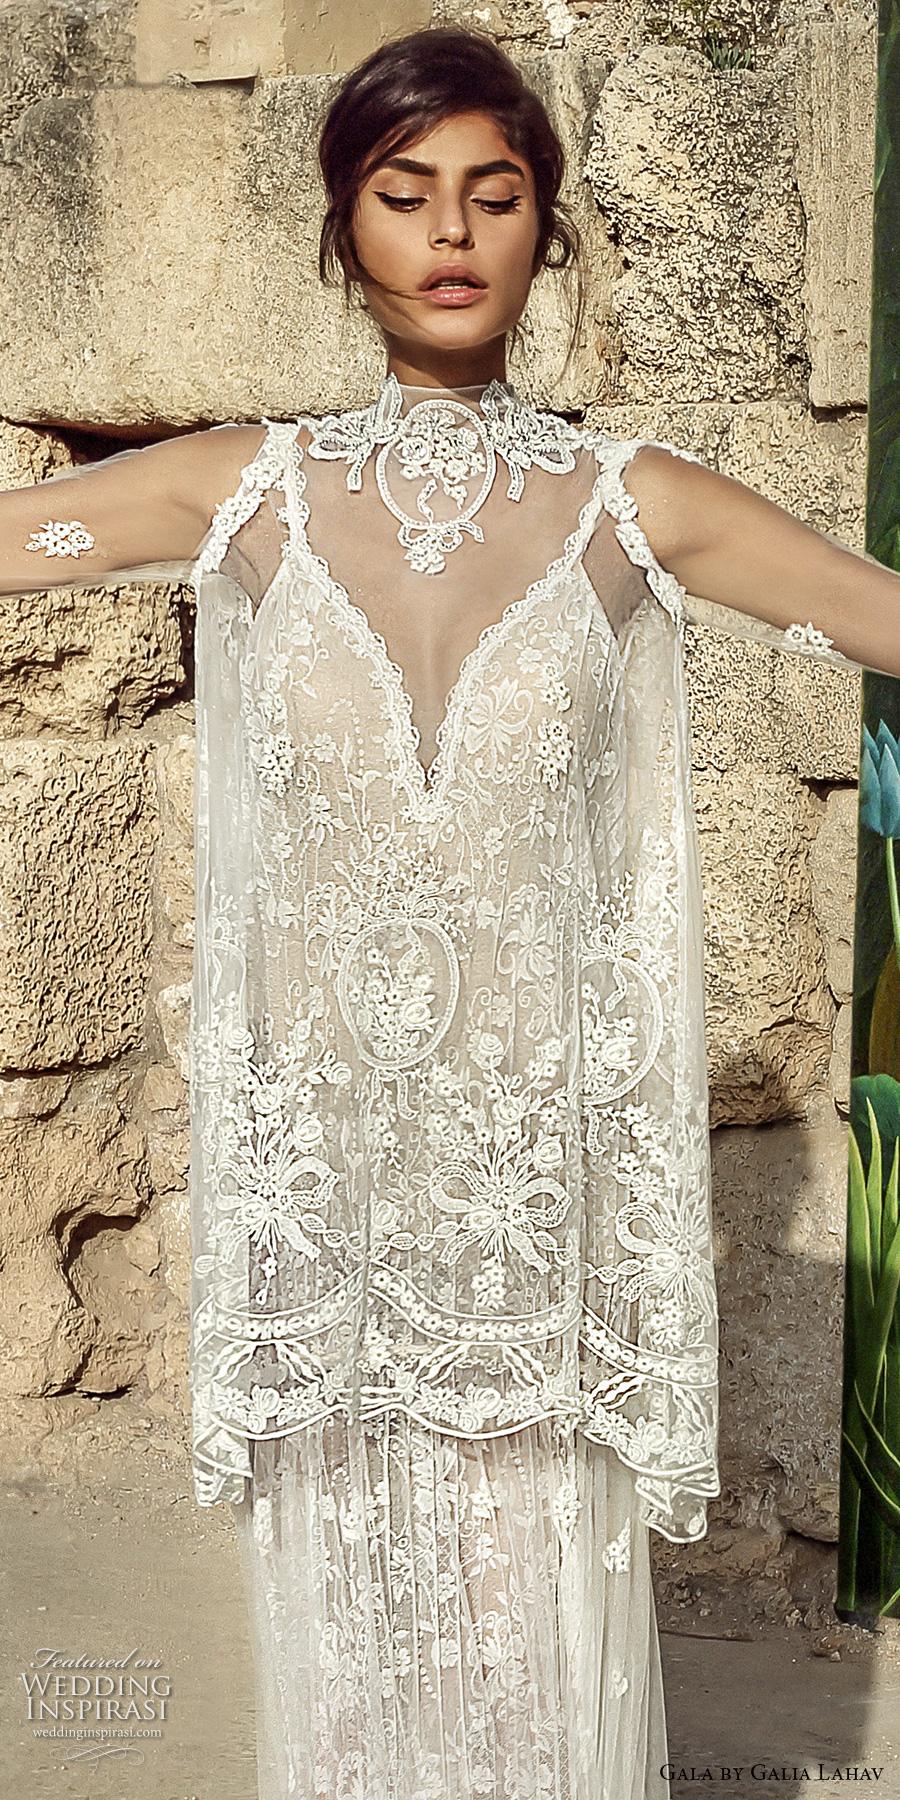 Gala by galia lahav 2017 wedding dresses bridal for Long sleeve wedding dress topper